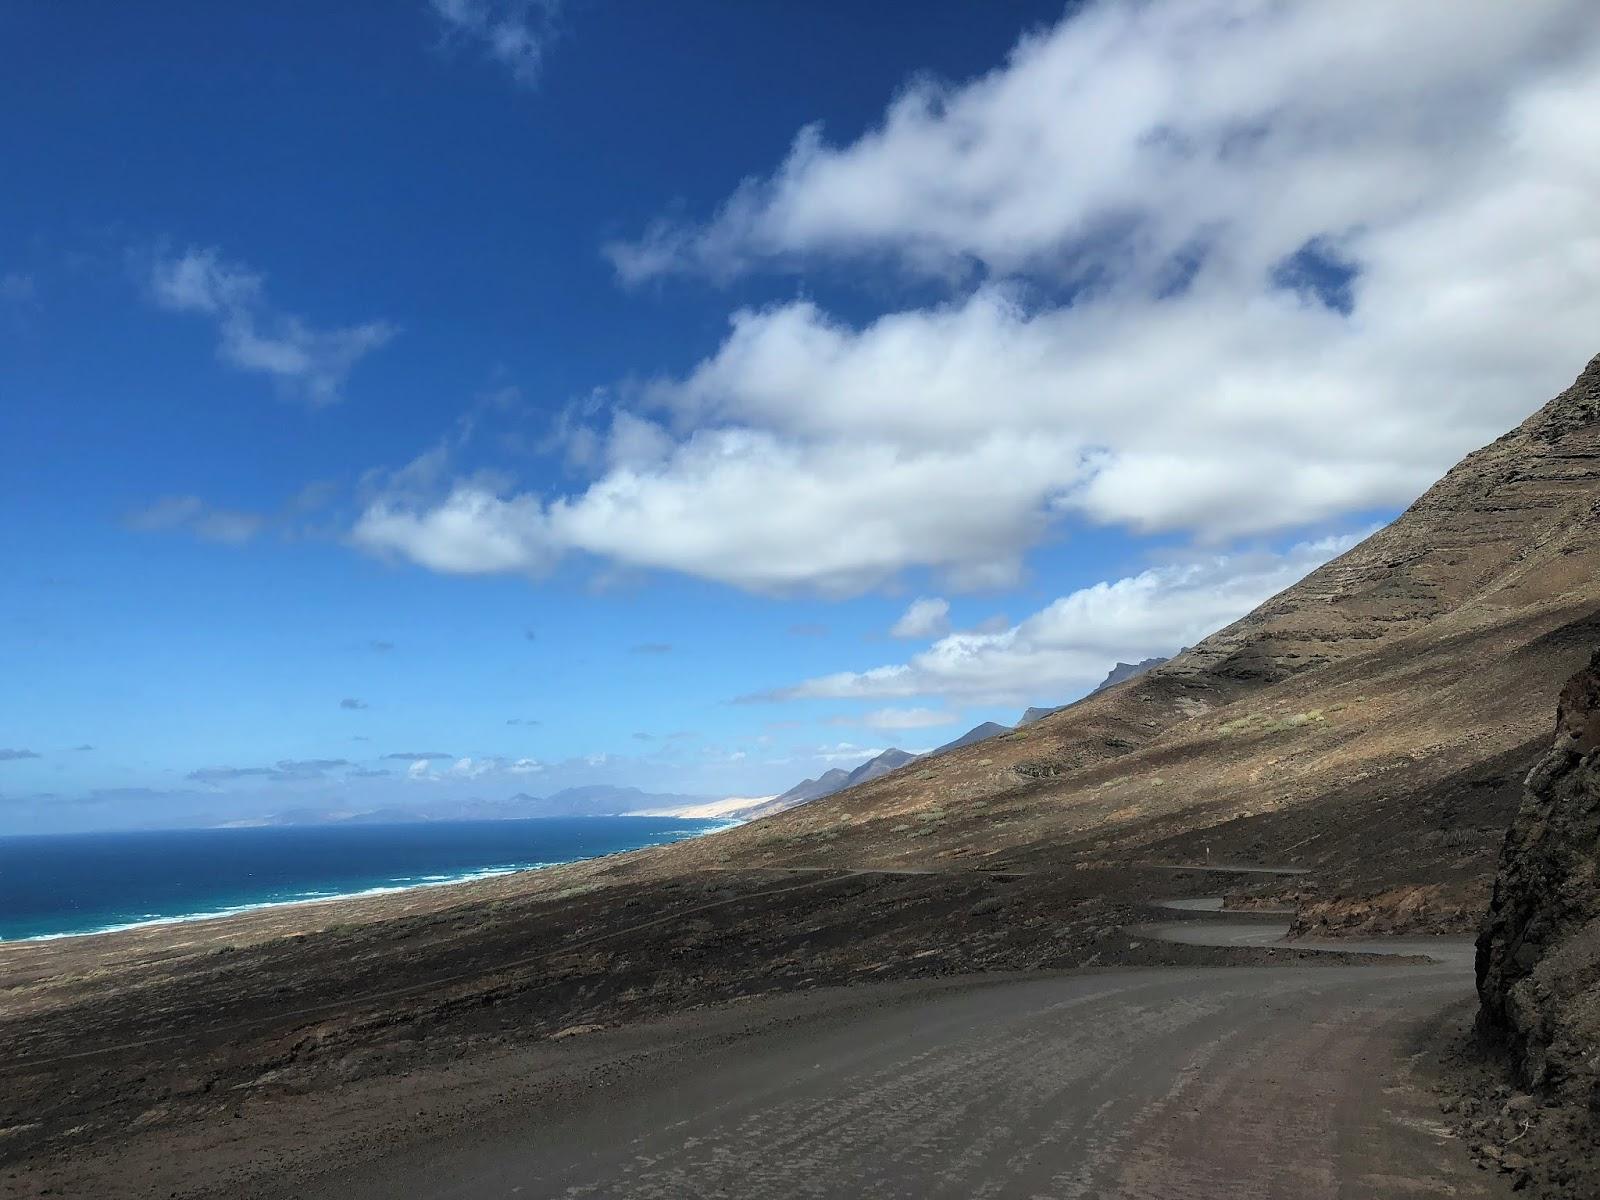 Playa de Cofete en Jandia - Fuerteventura.cool